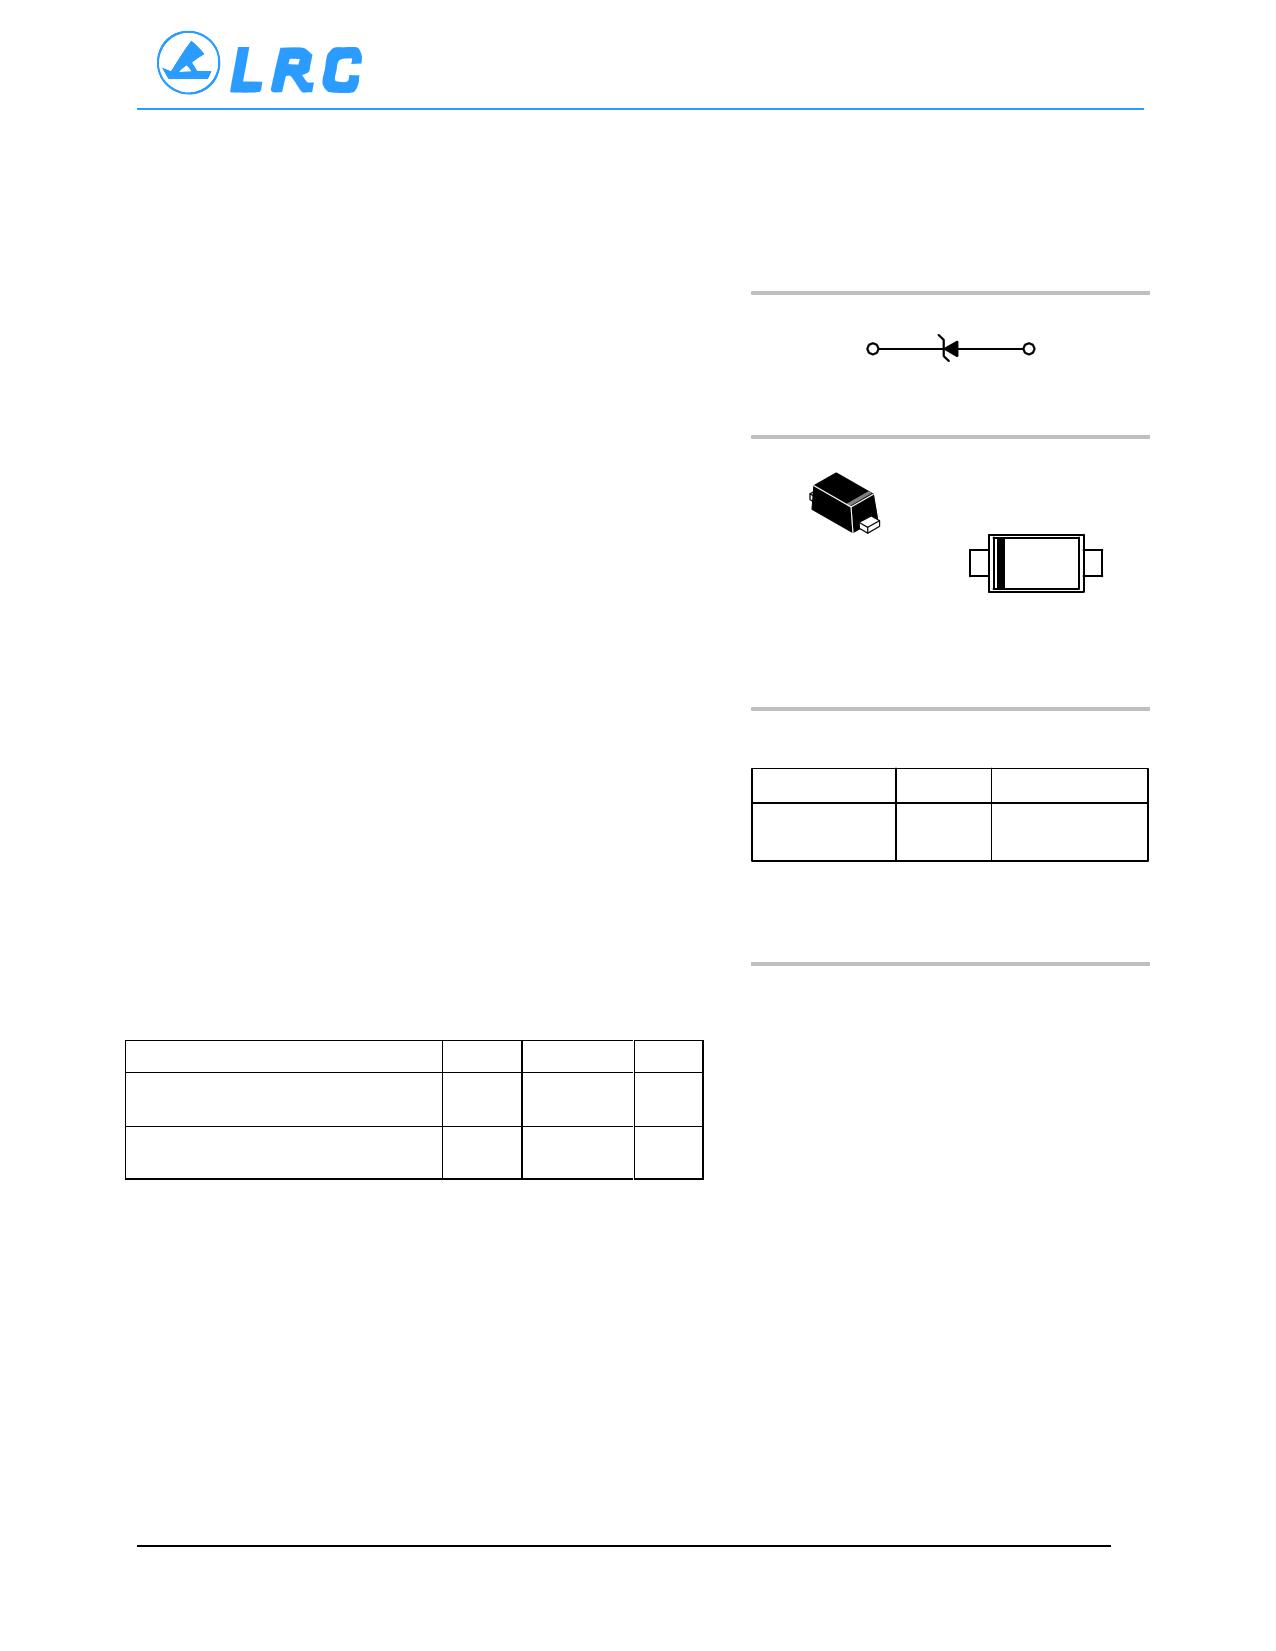 LNZ9F20VT5G datasheet, circuit